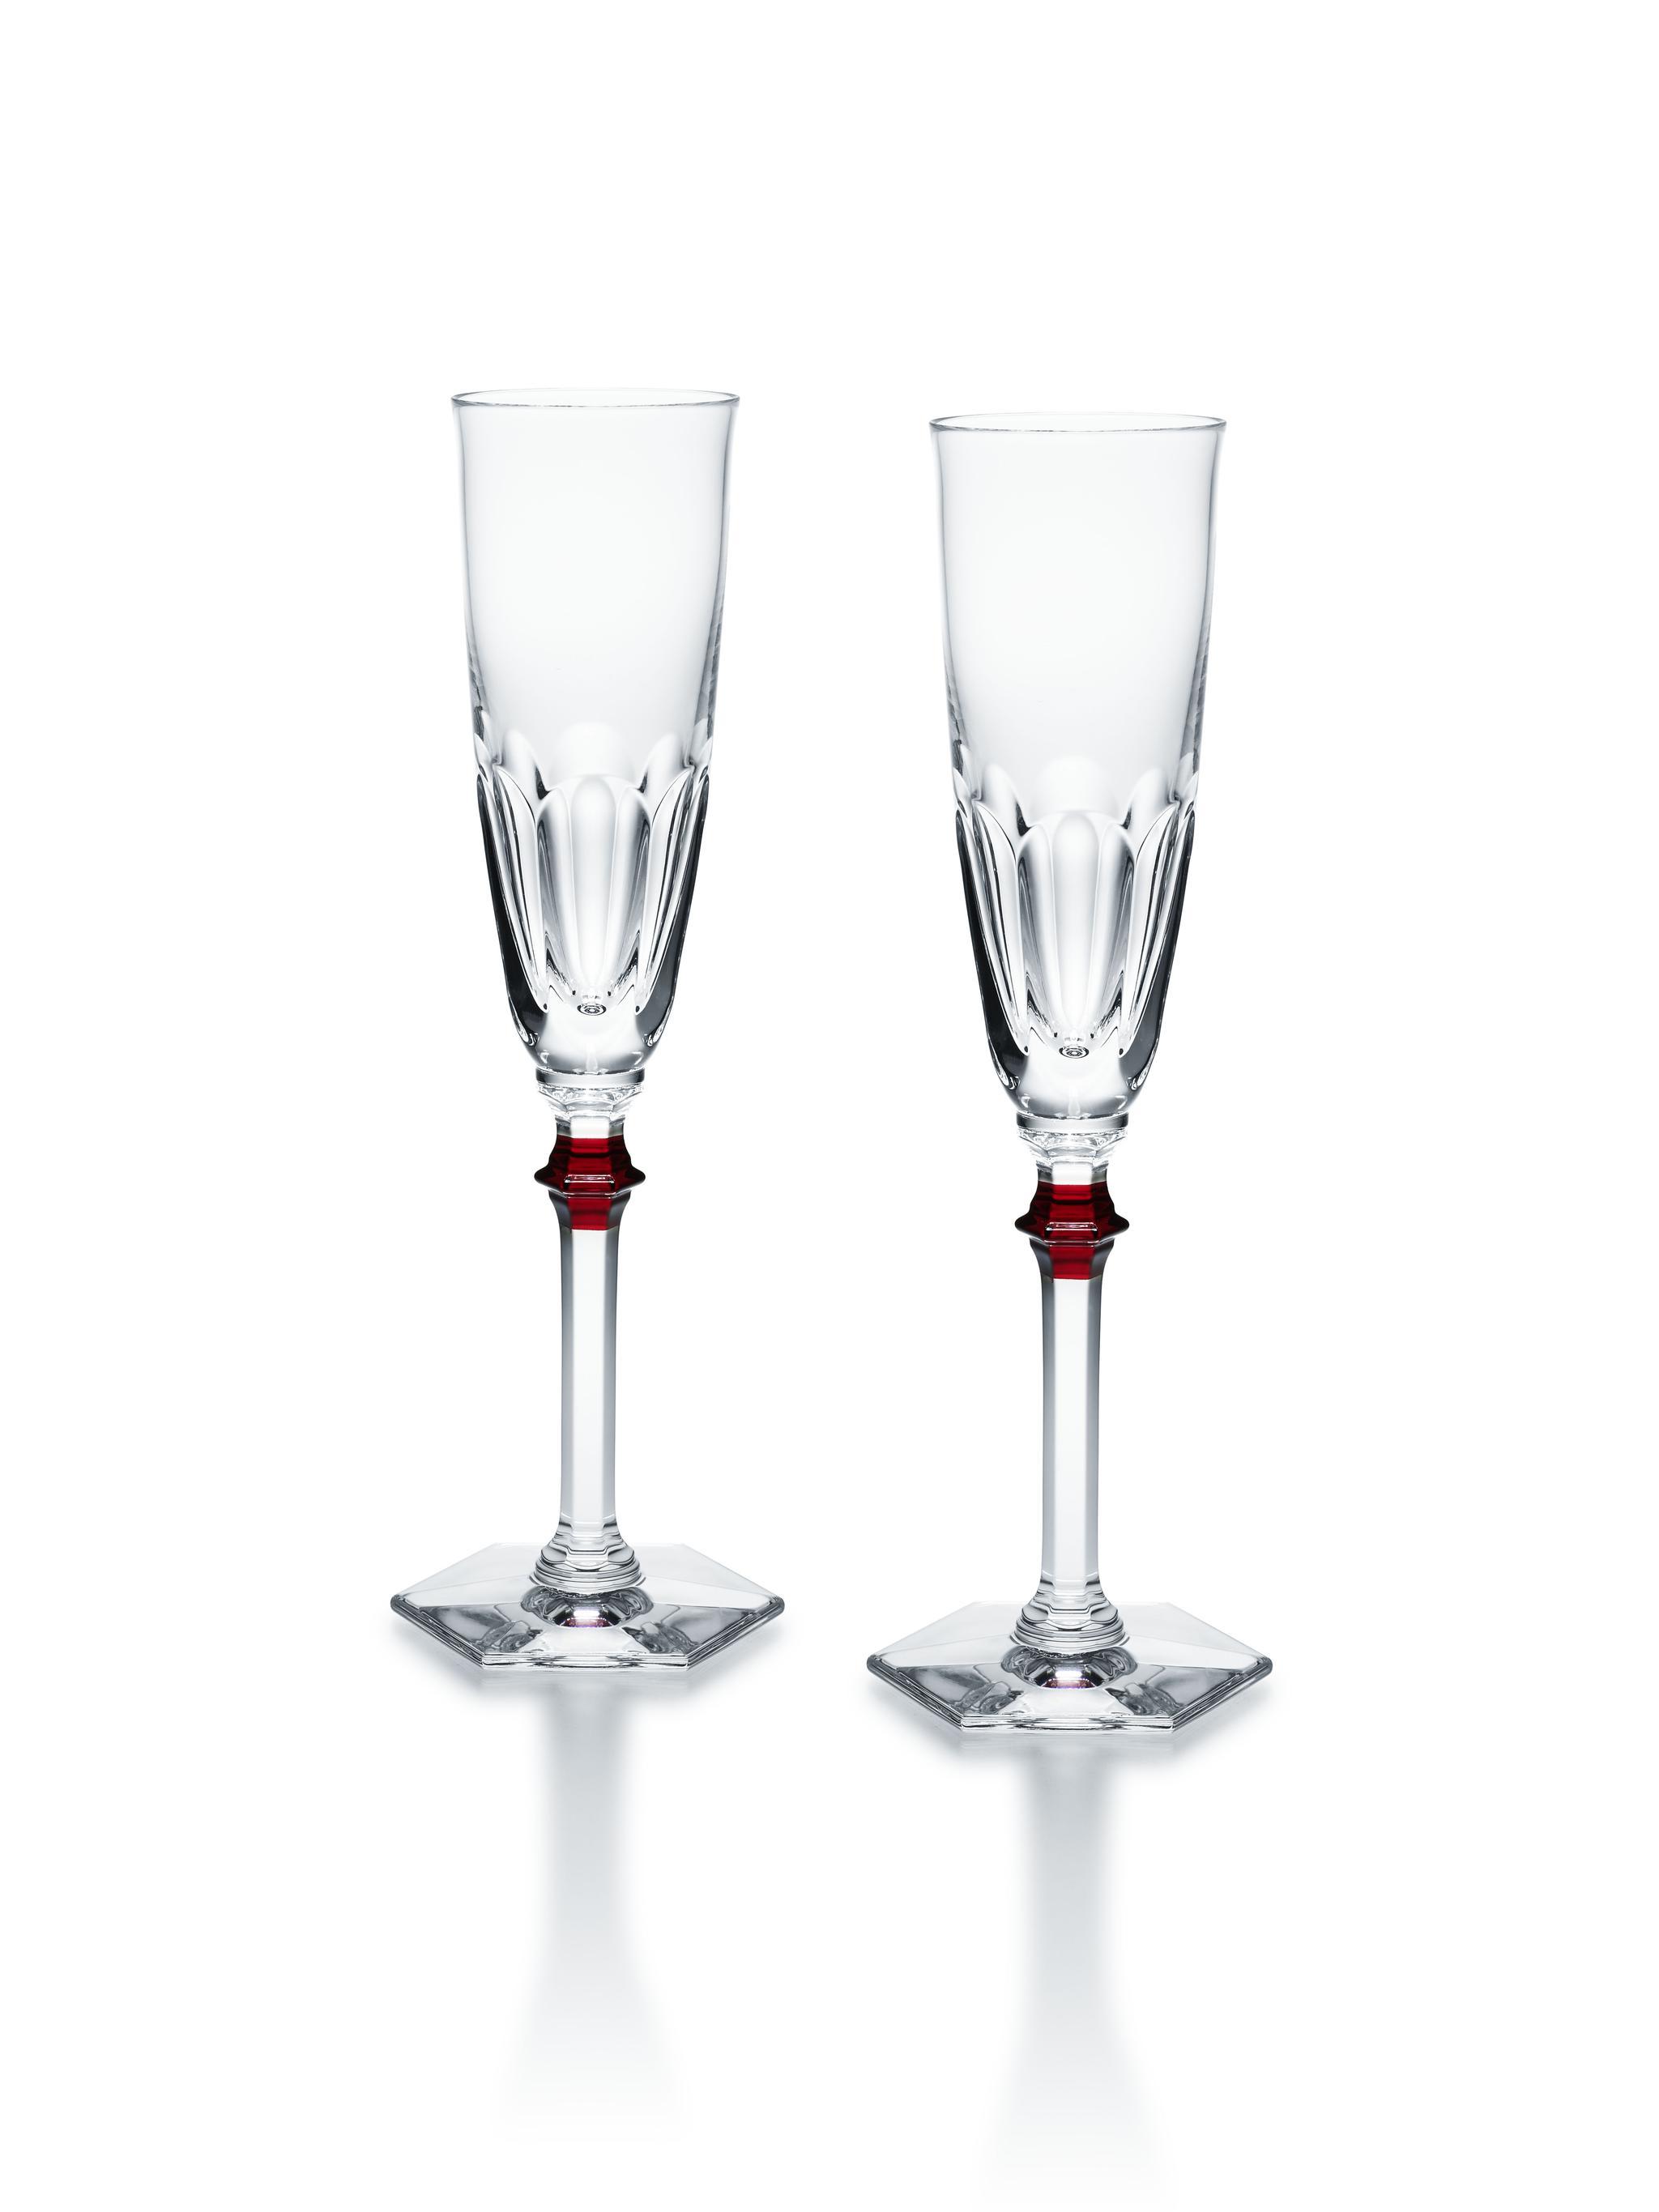 哈酷伊芙 香槟杯单品图